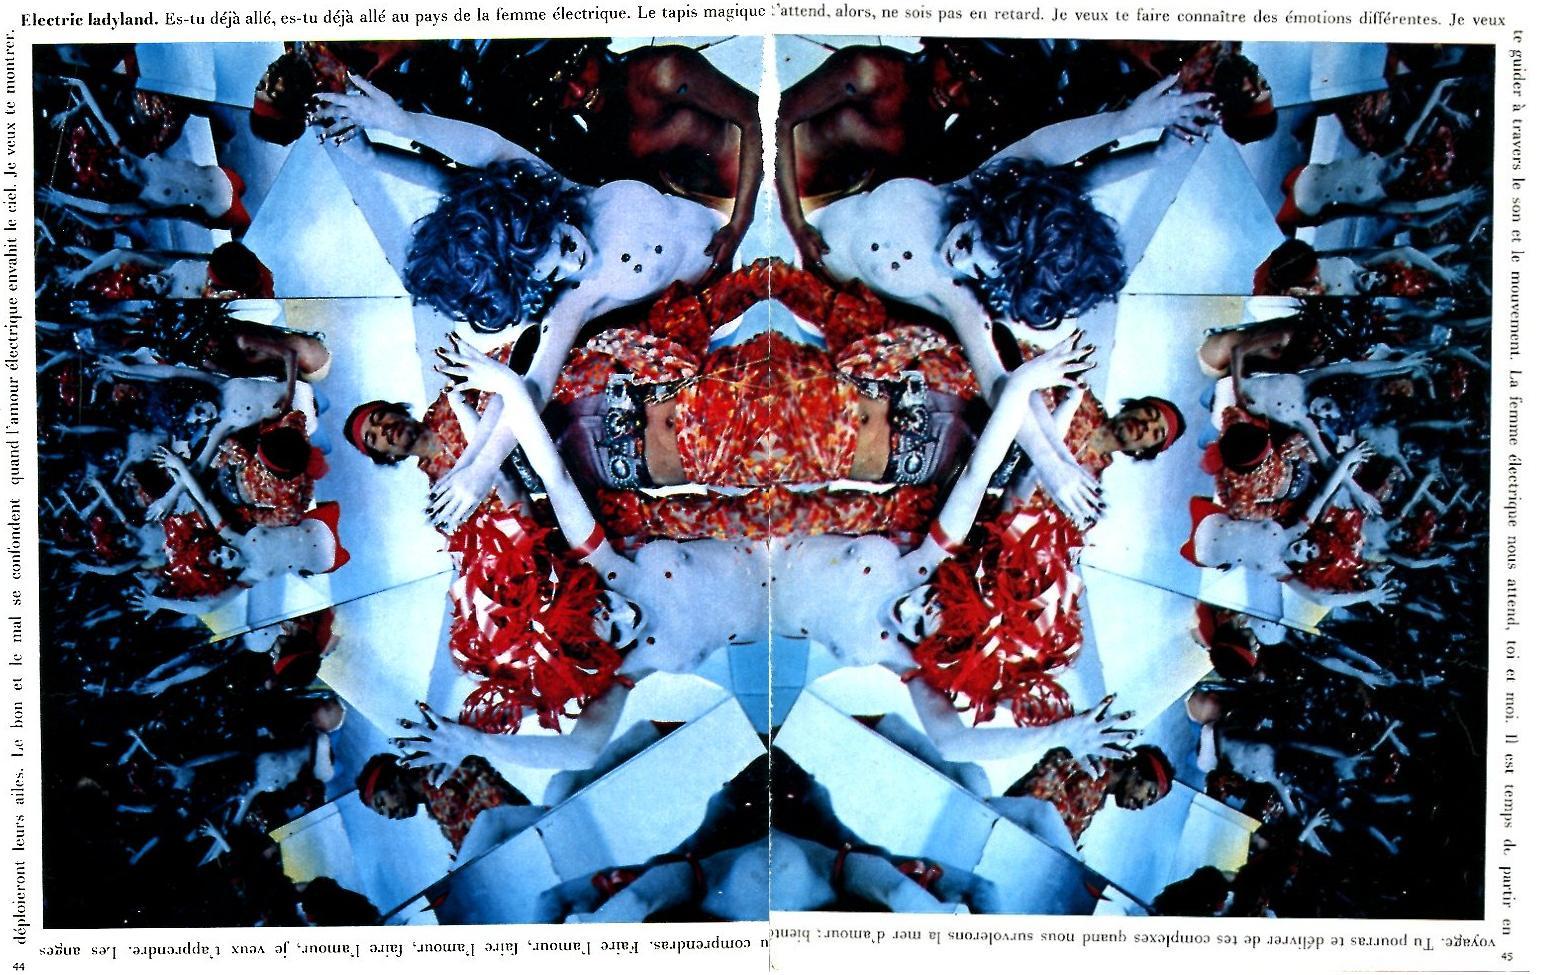 Jimi Hendrix dans la presse musicale française des années 60, 70 & 80 - Page 2 597772slc22010A